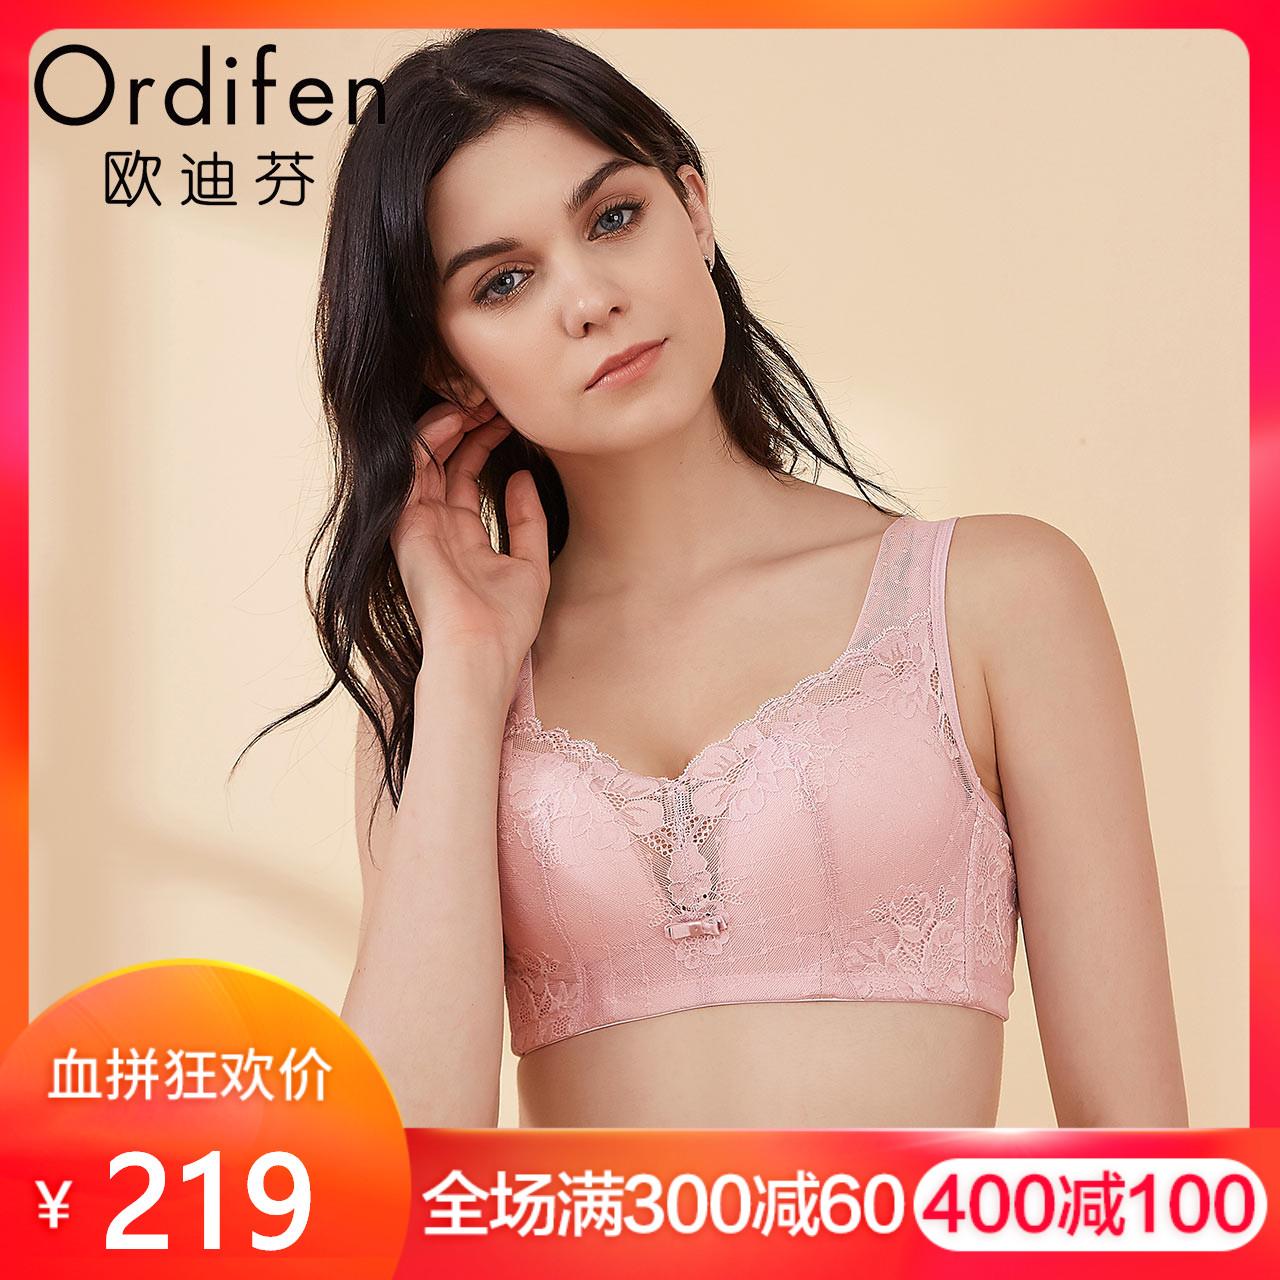 欧迪芬 新款女士内衣蕾丝薄款胸罩女式无钢圈聚拢侧收文胸XB8570